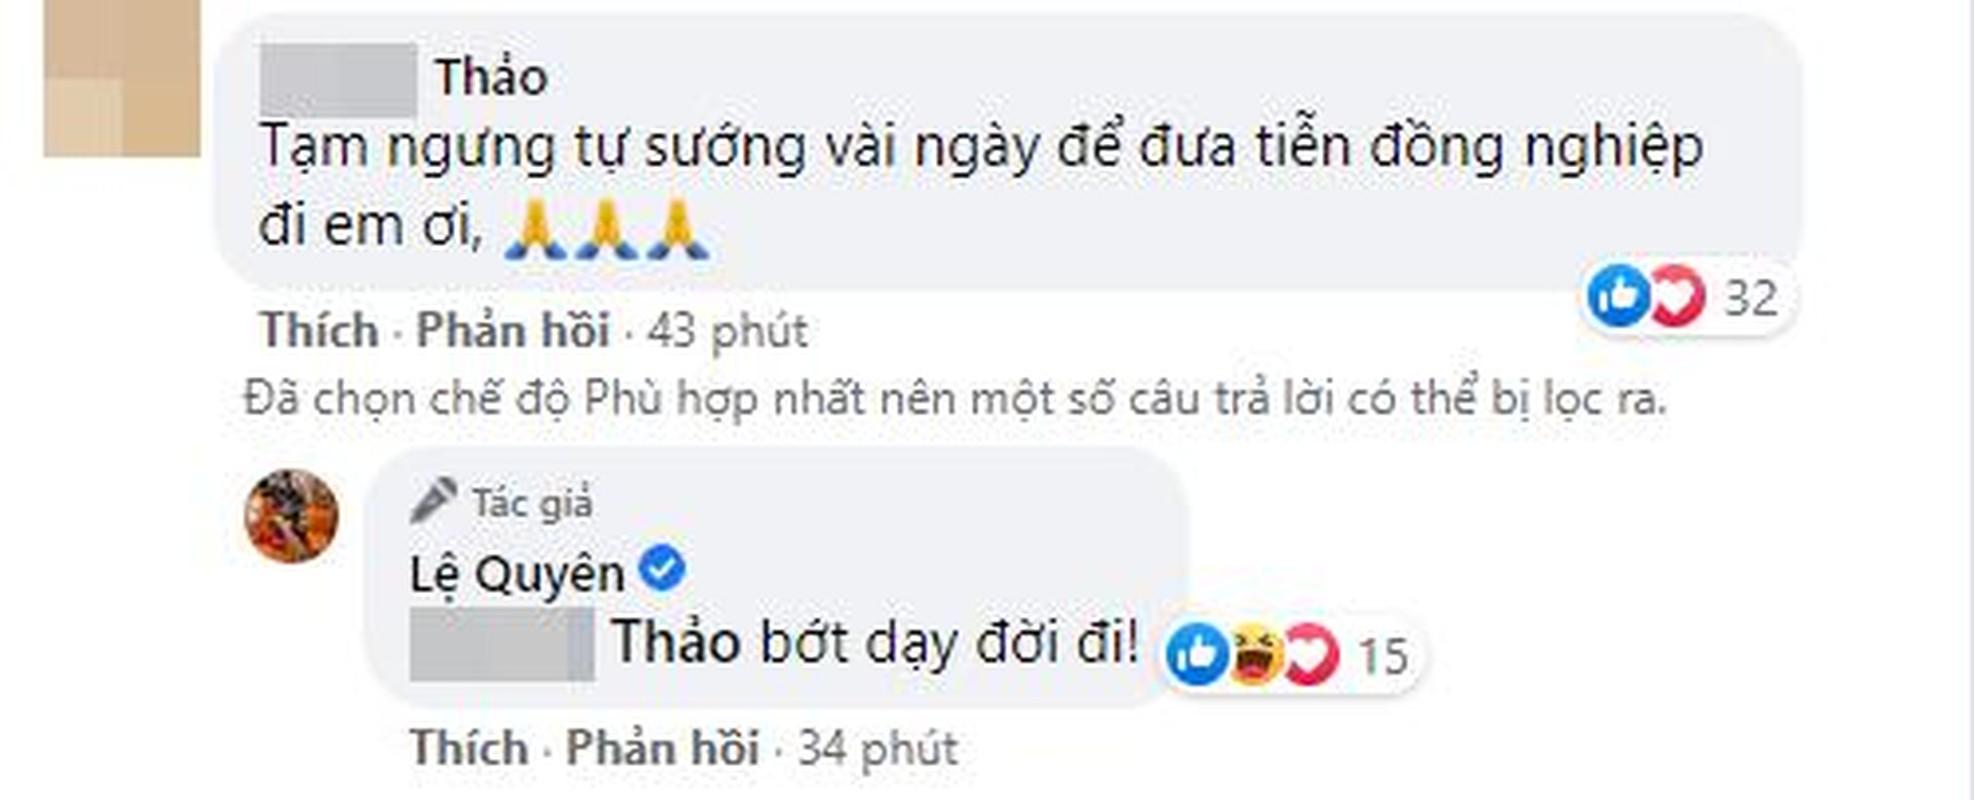 Tranh cai hanh dong cua Le Quyen ngay Phi Nhung qua doi-Hinh-4